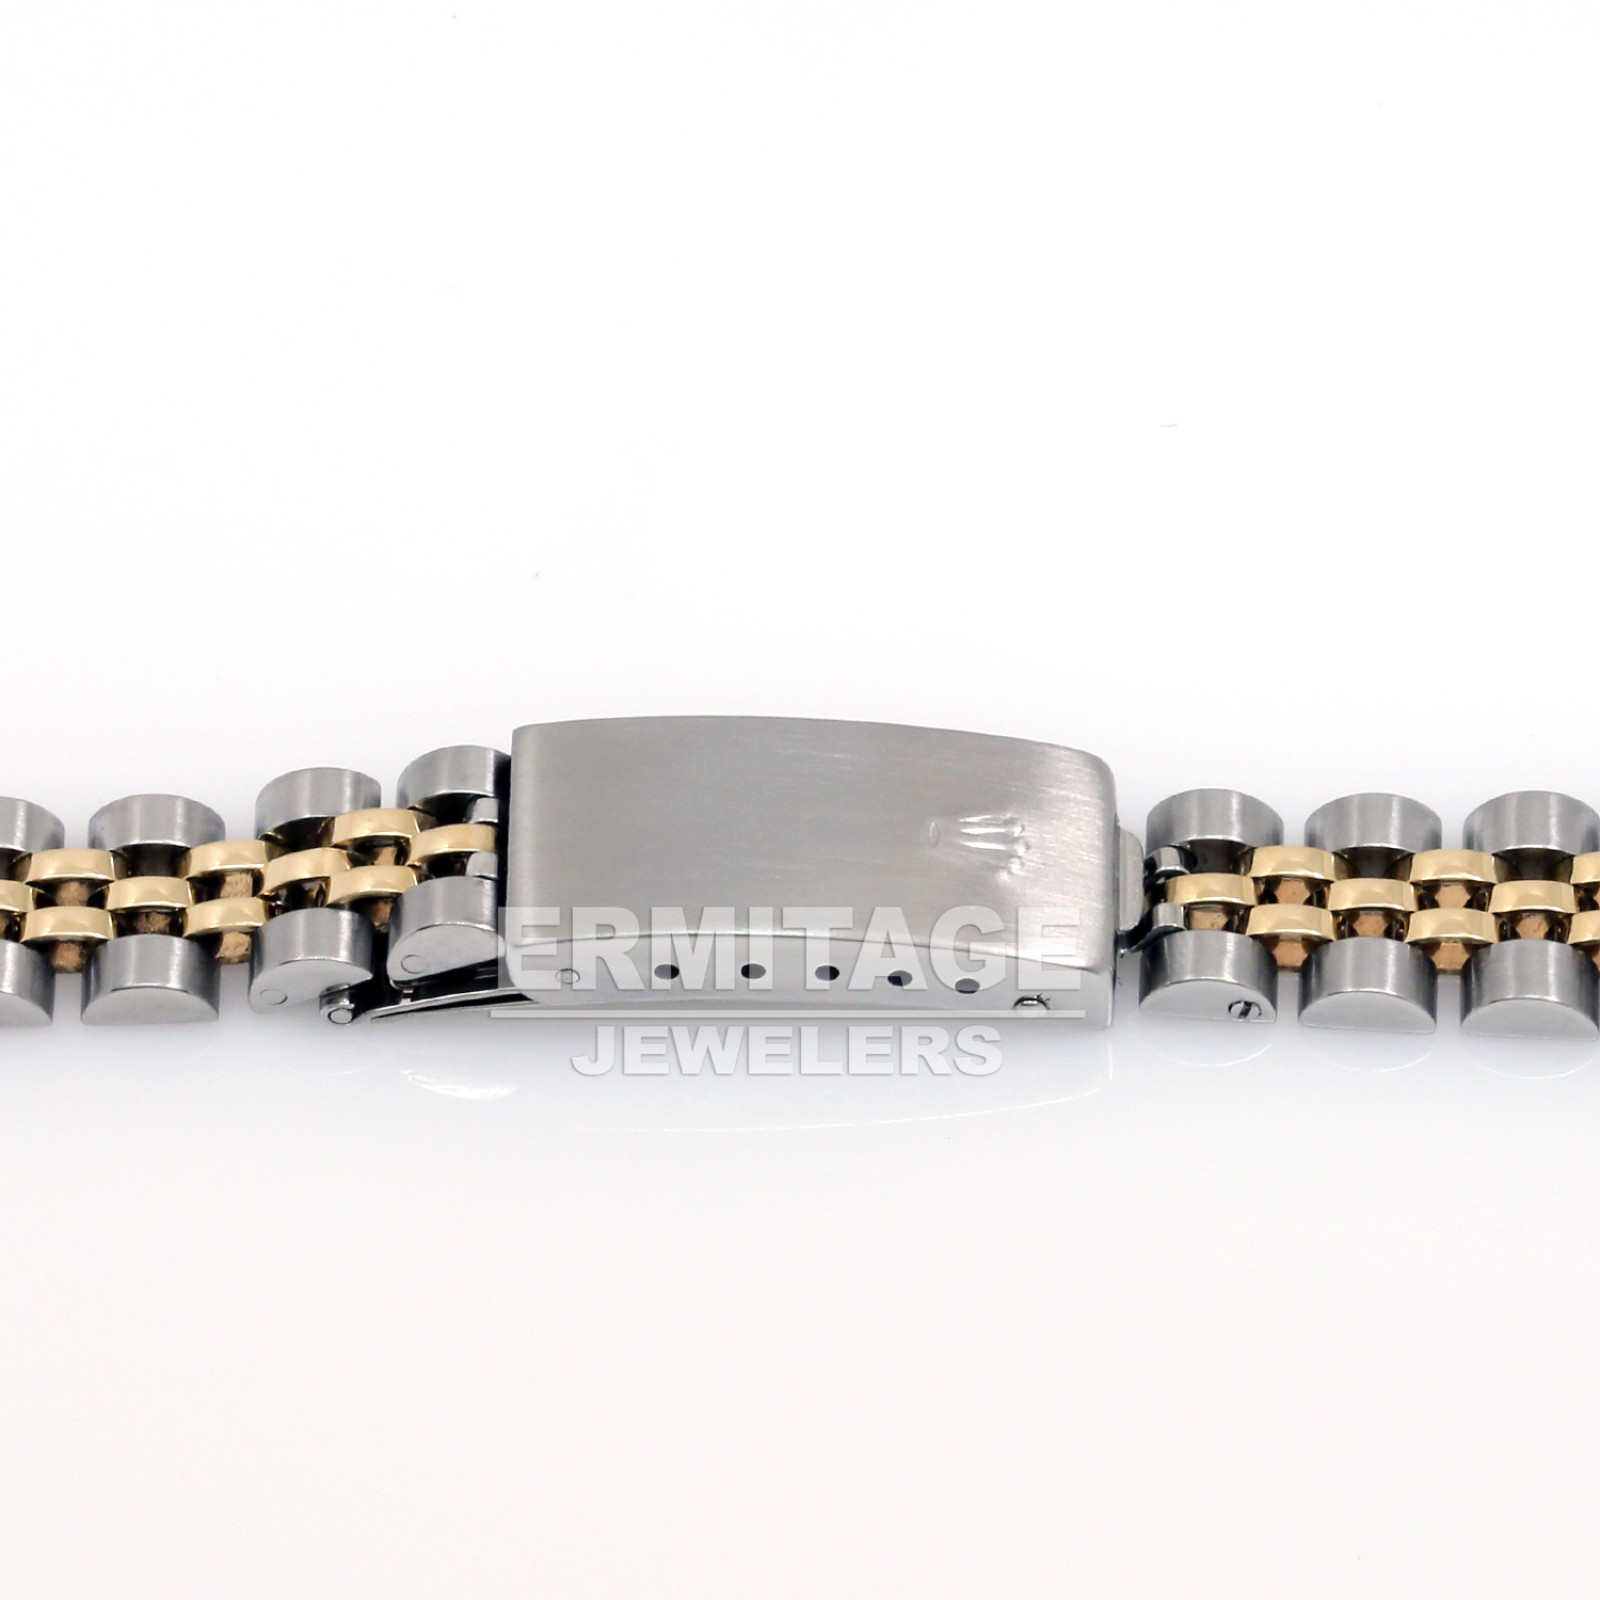 Gold & Steel Rolex Women's Datejust 69173